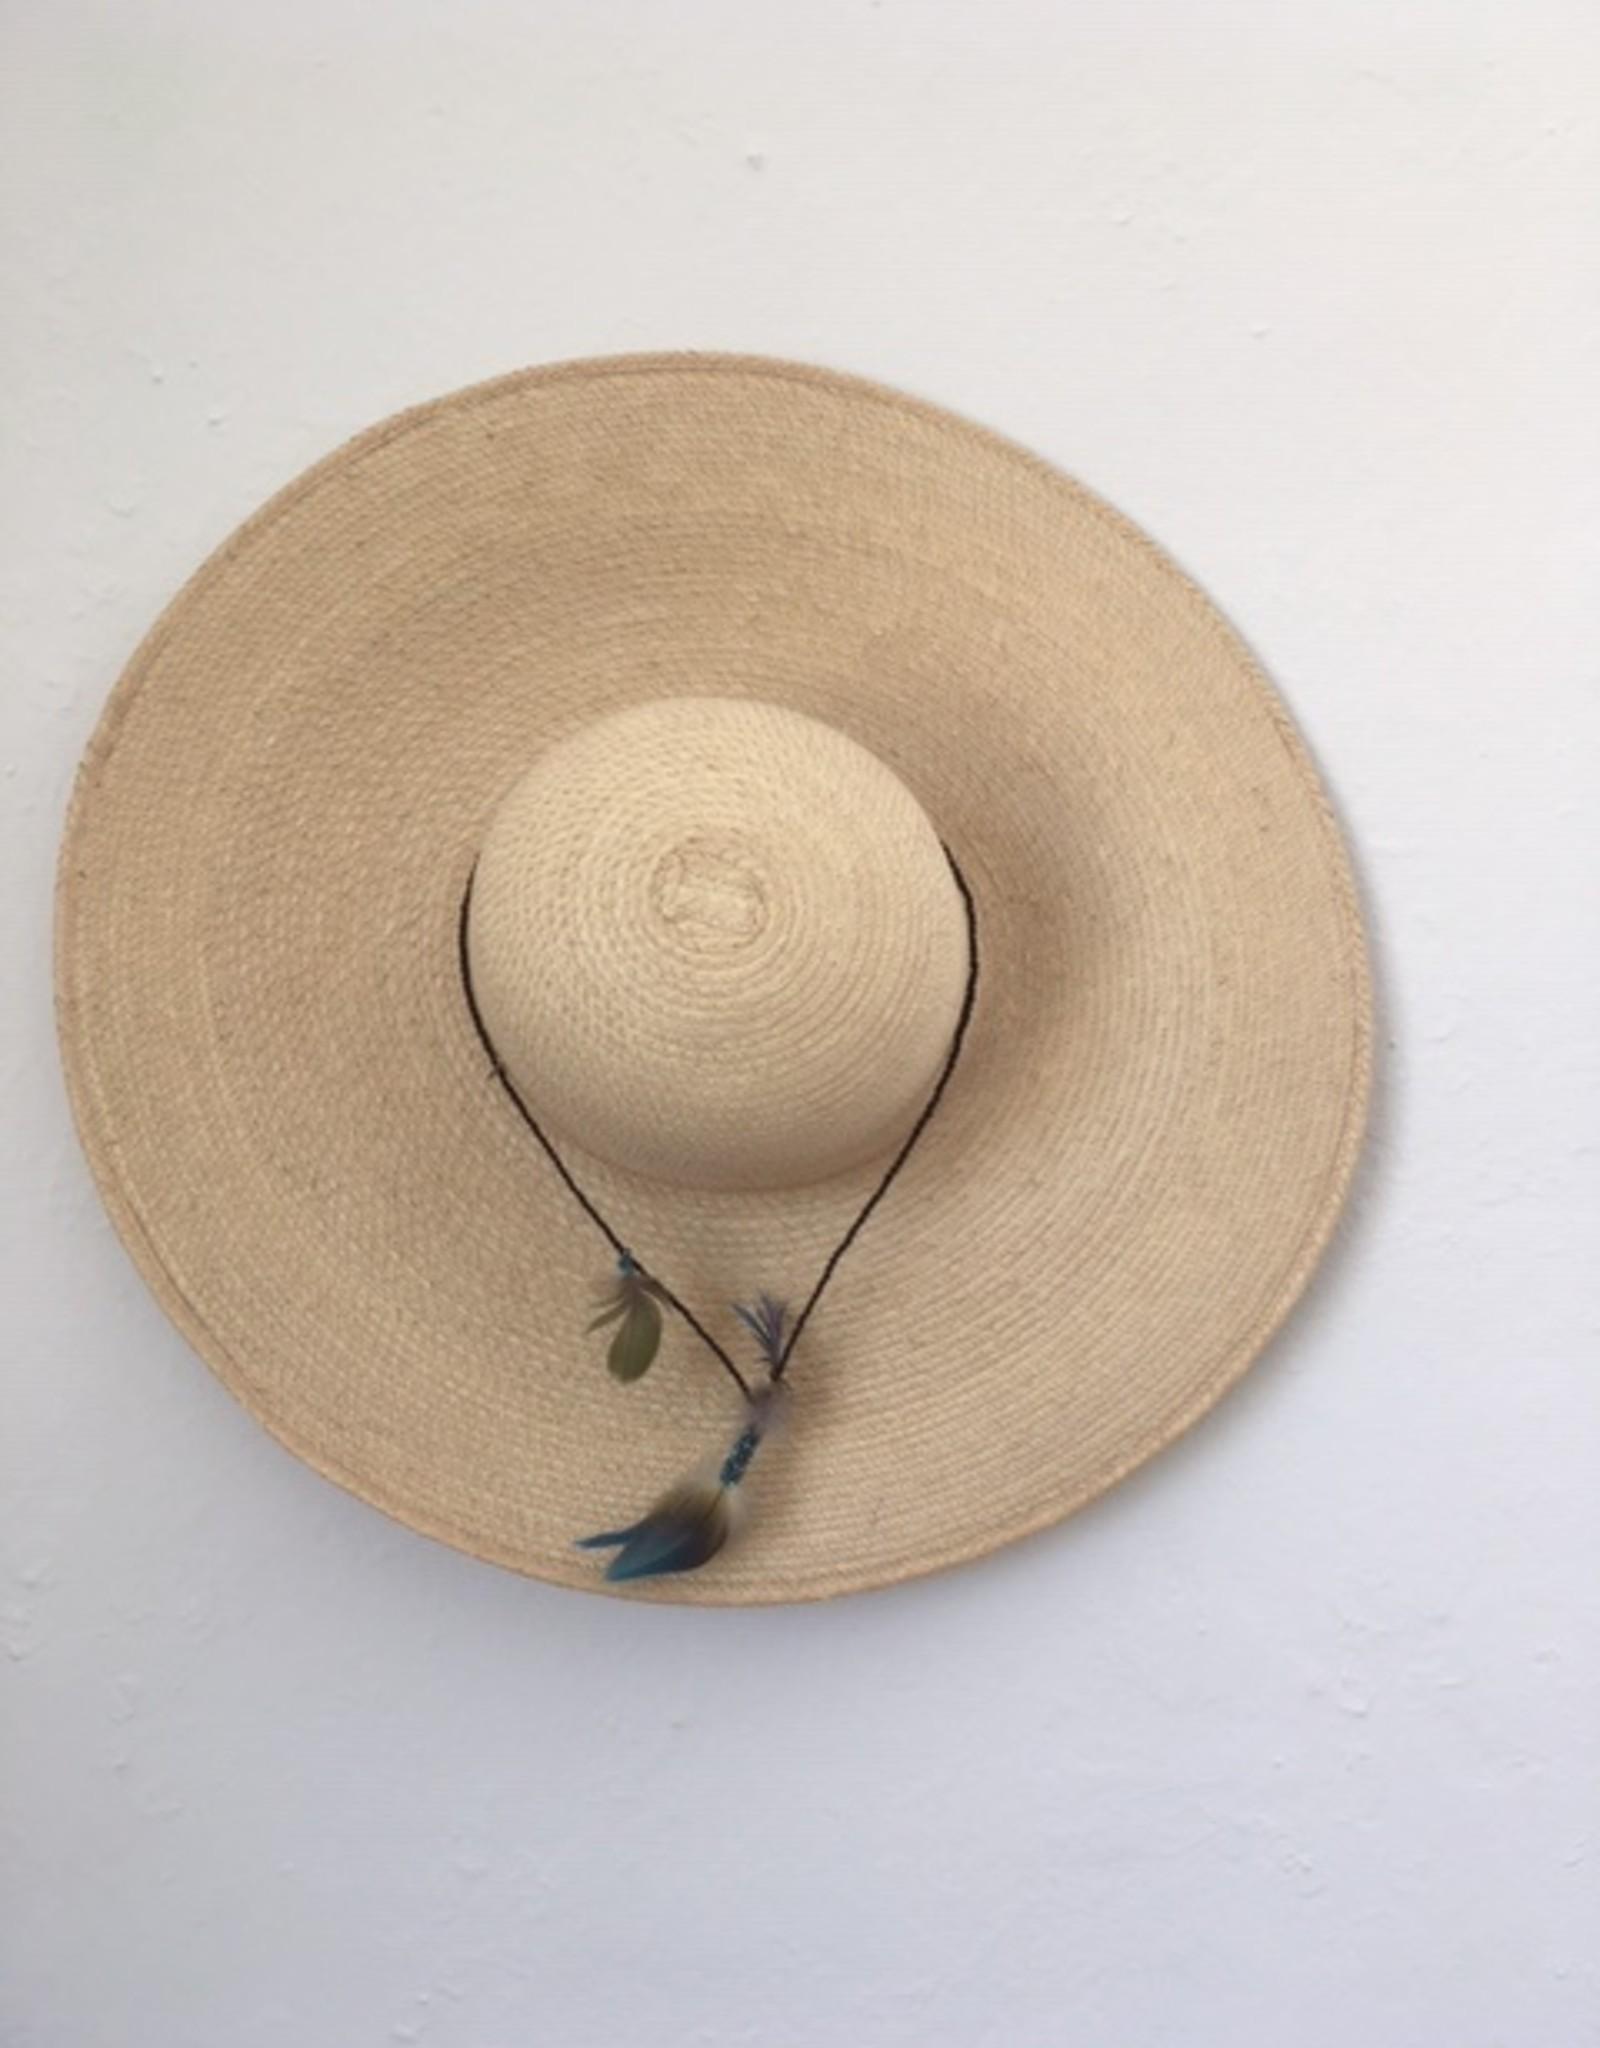 kalasoma Kalasoma feather necklace